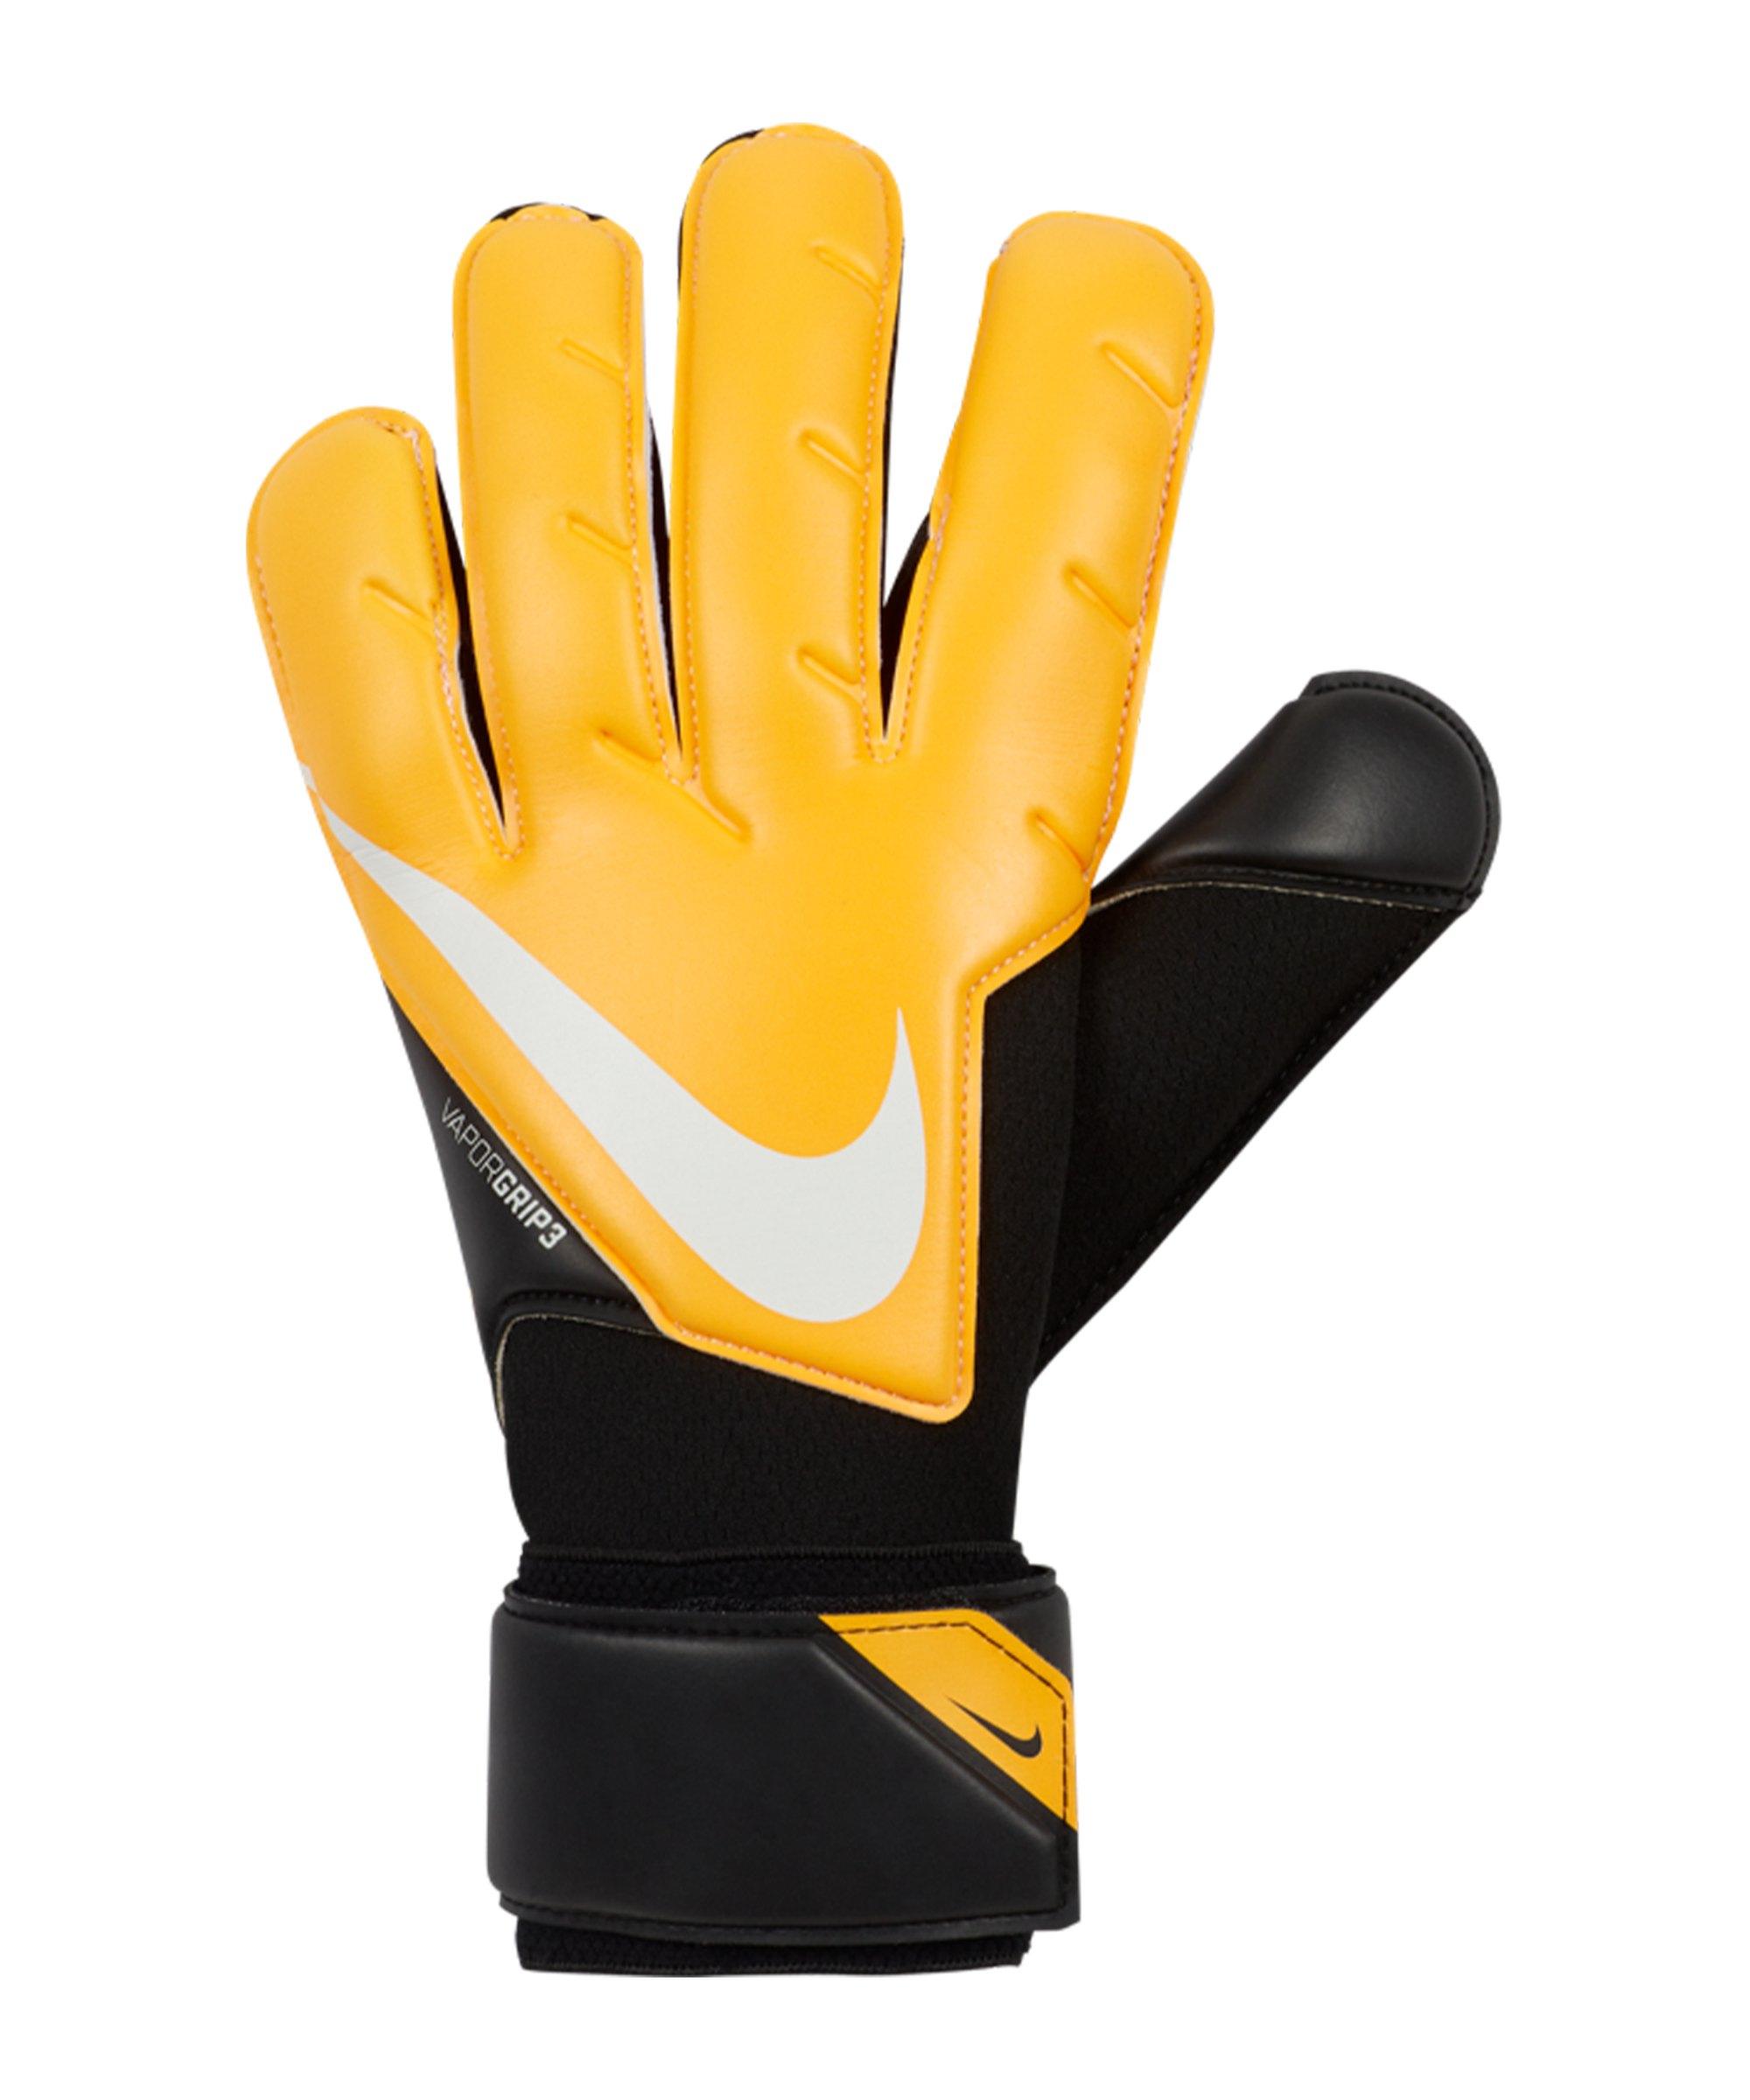 Nike Vapor Grip3 Daybreak Torwarthandschuh Schwarz F010 - schwarz